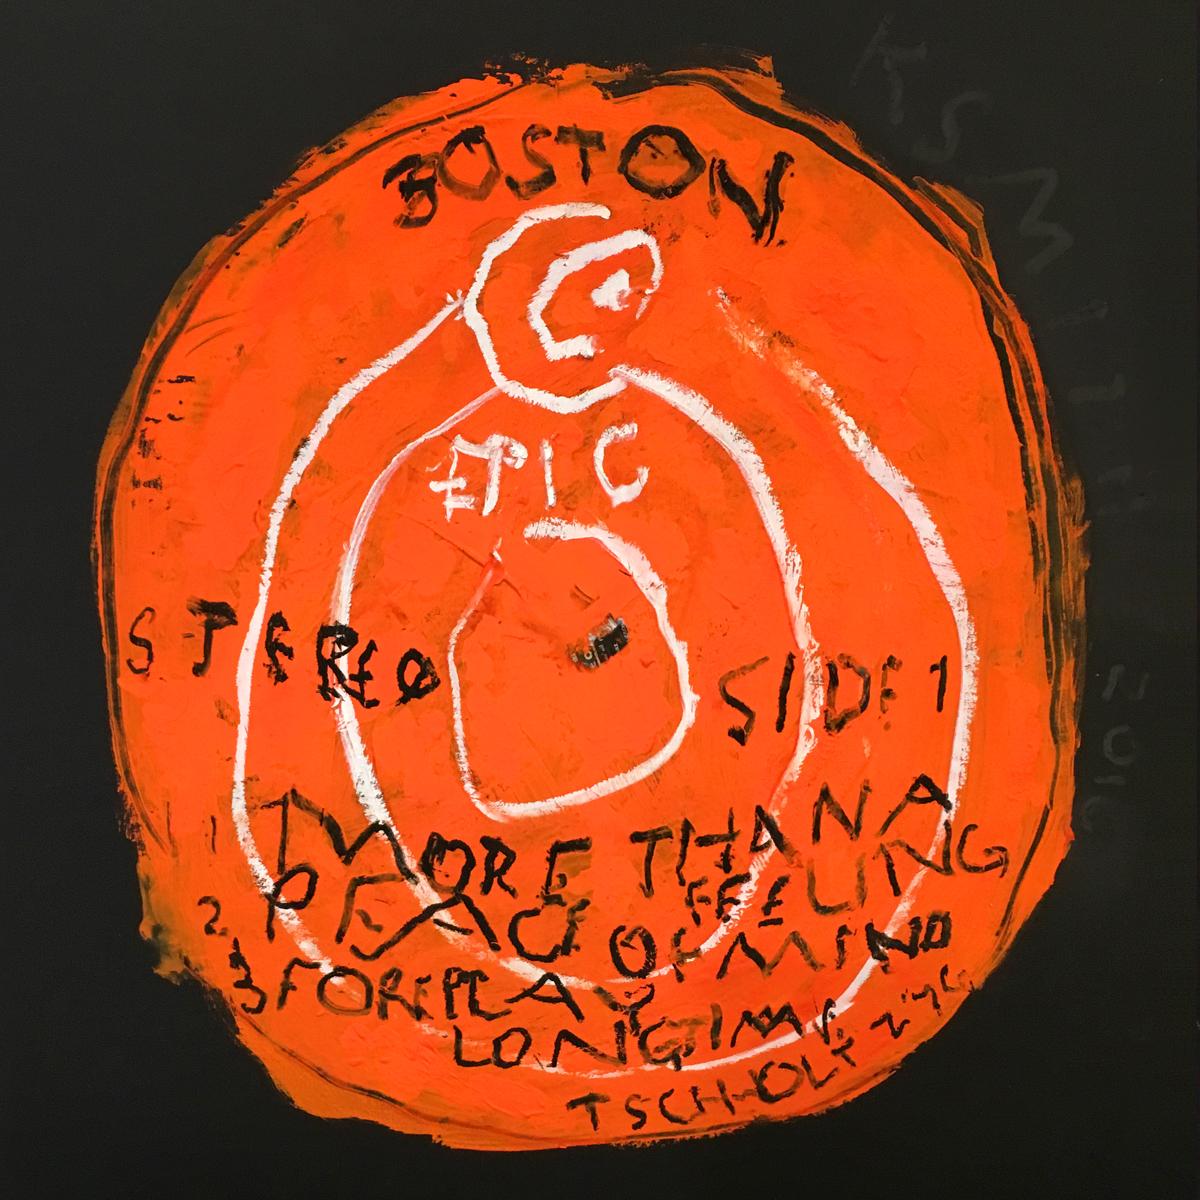 Boston / Side 1